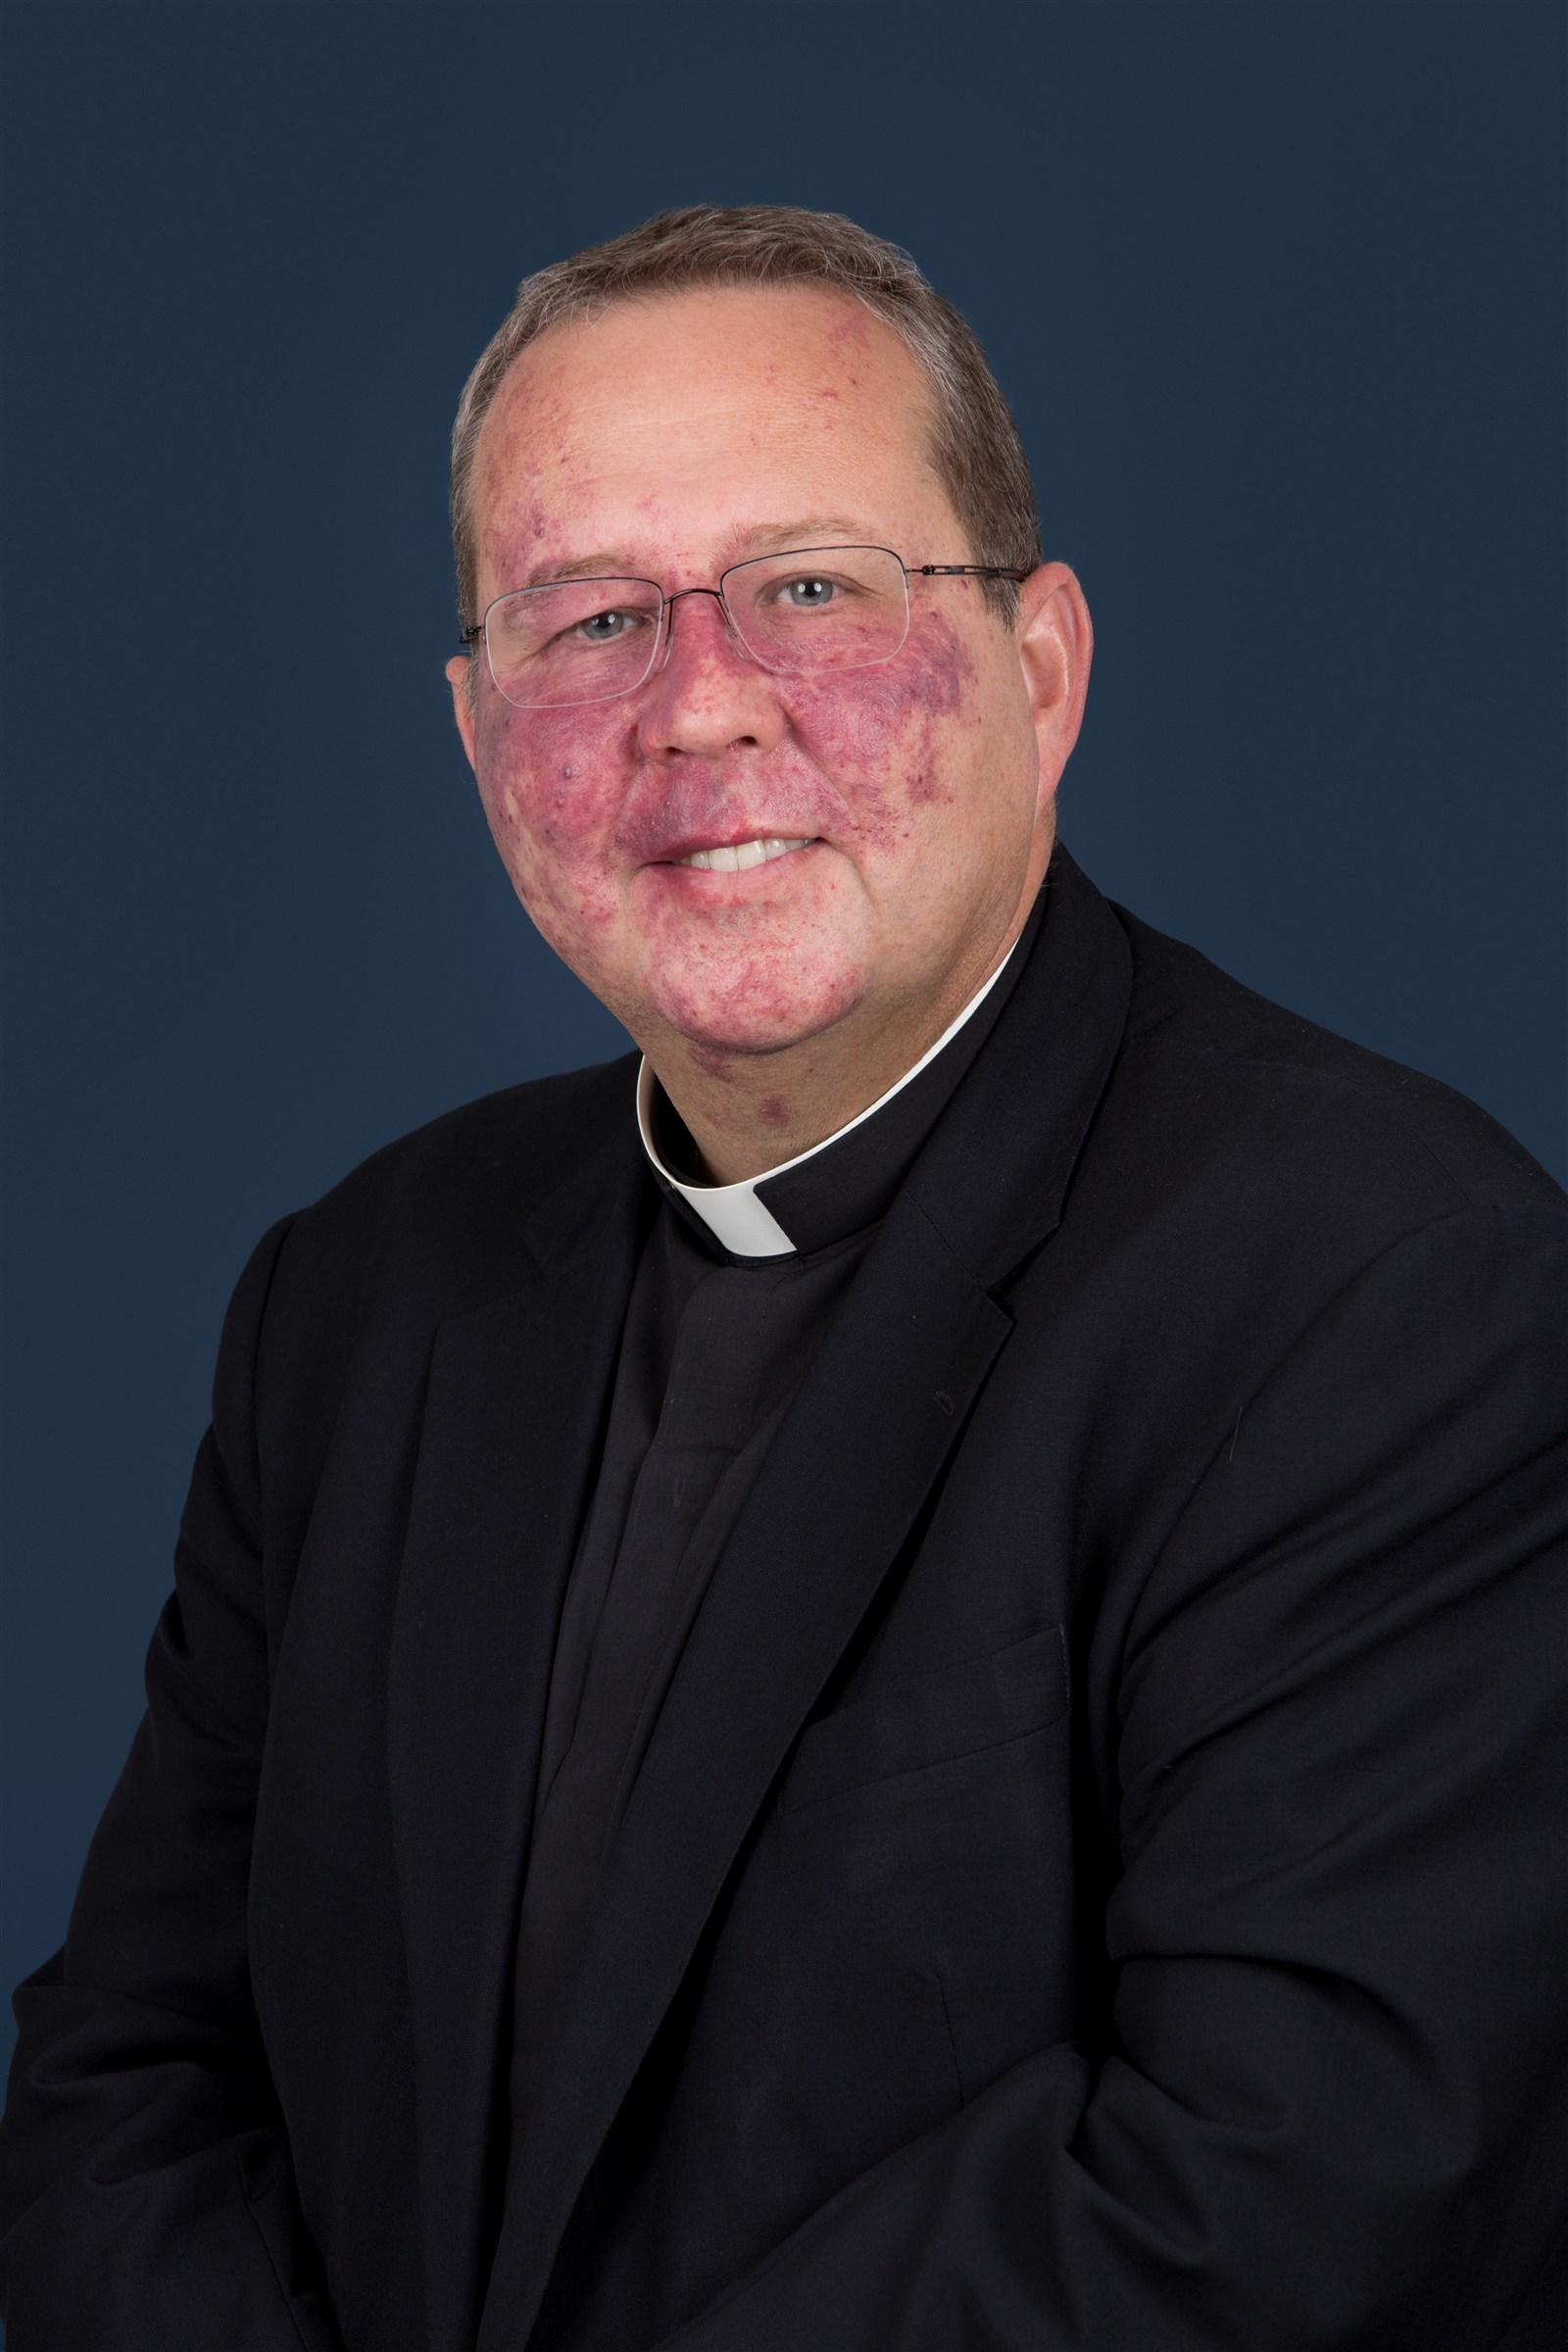 Fr Willie.jpg